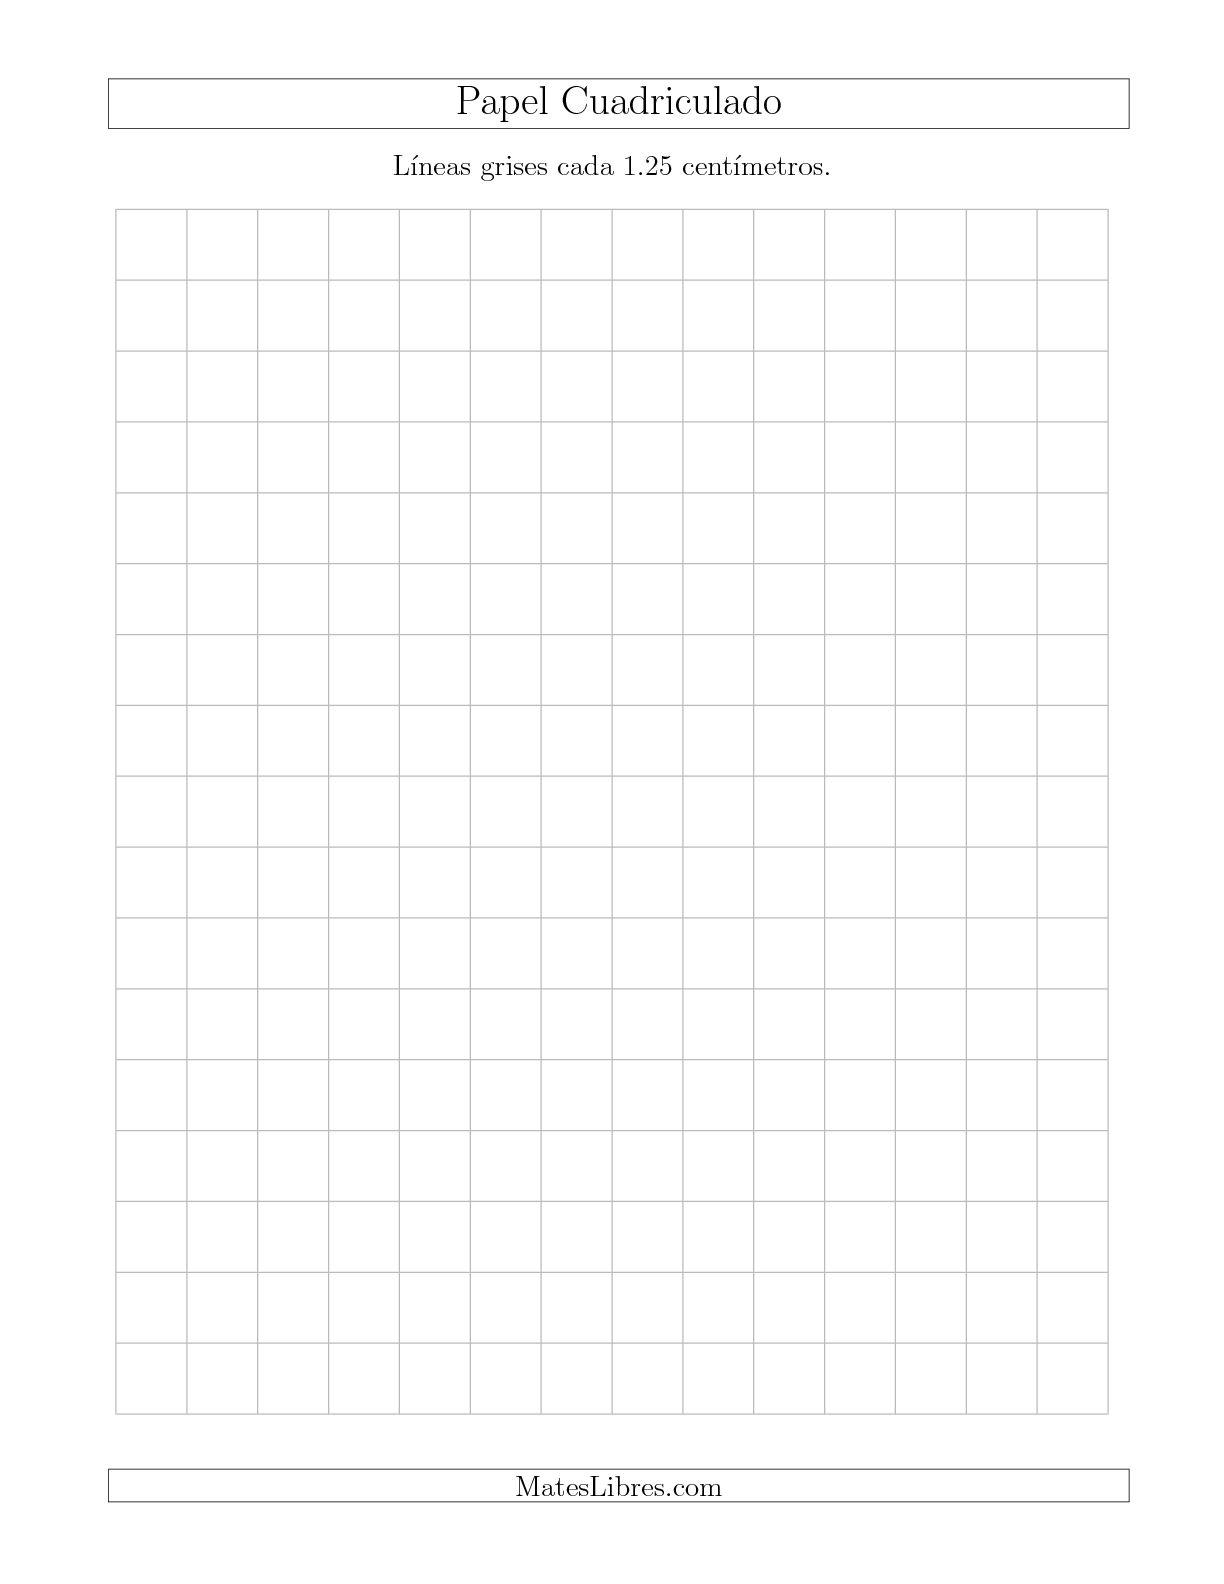 La Papel Cuadriculado con Líneas Grises cada 1.25cm, Tamaño de Papel Carta Hojas de Papel Cuadriculado